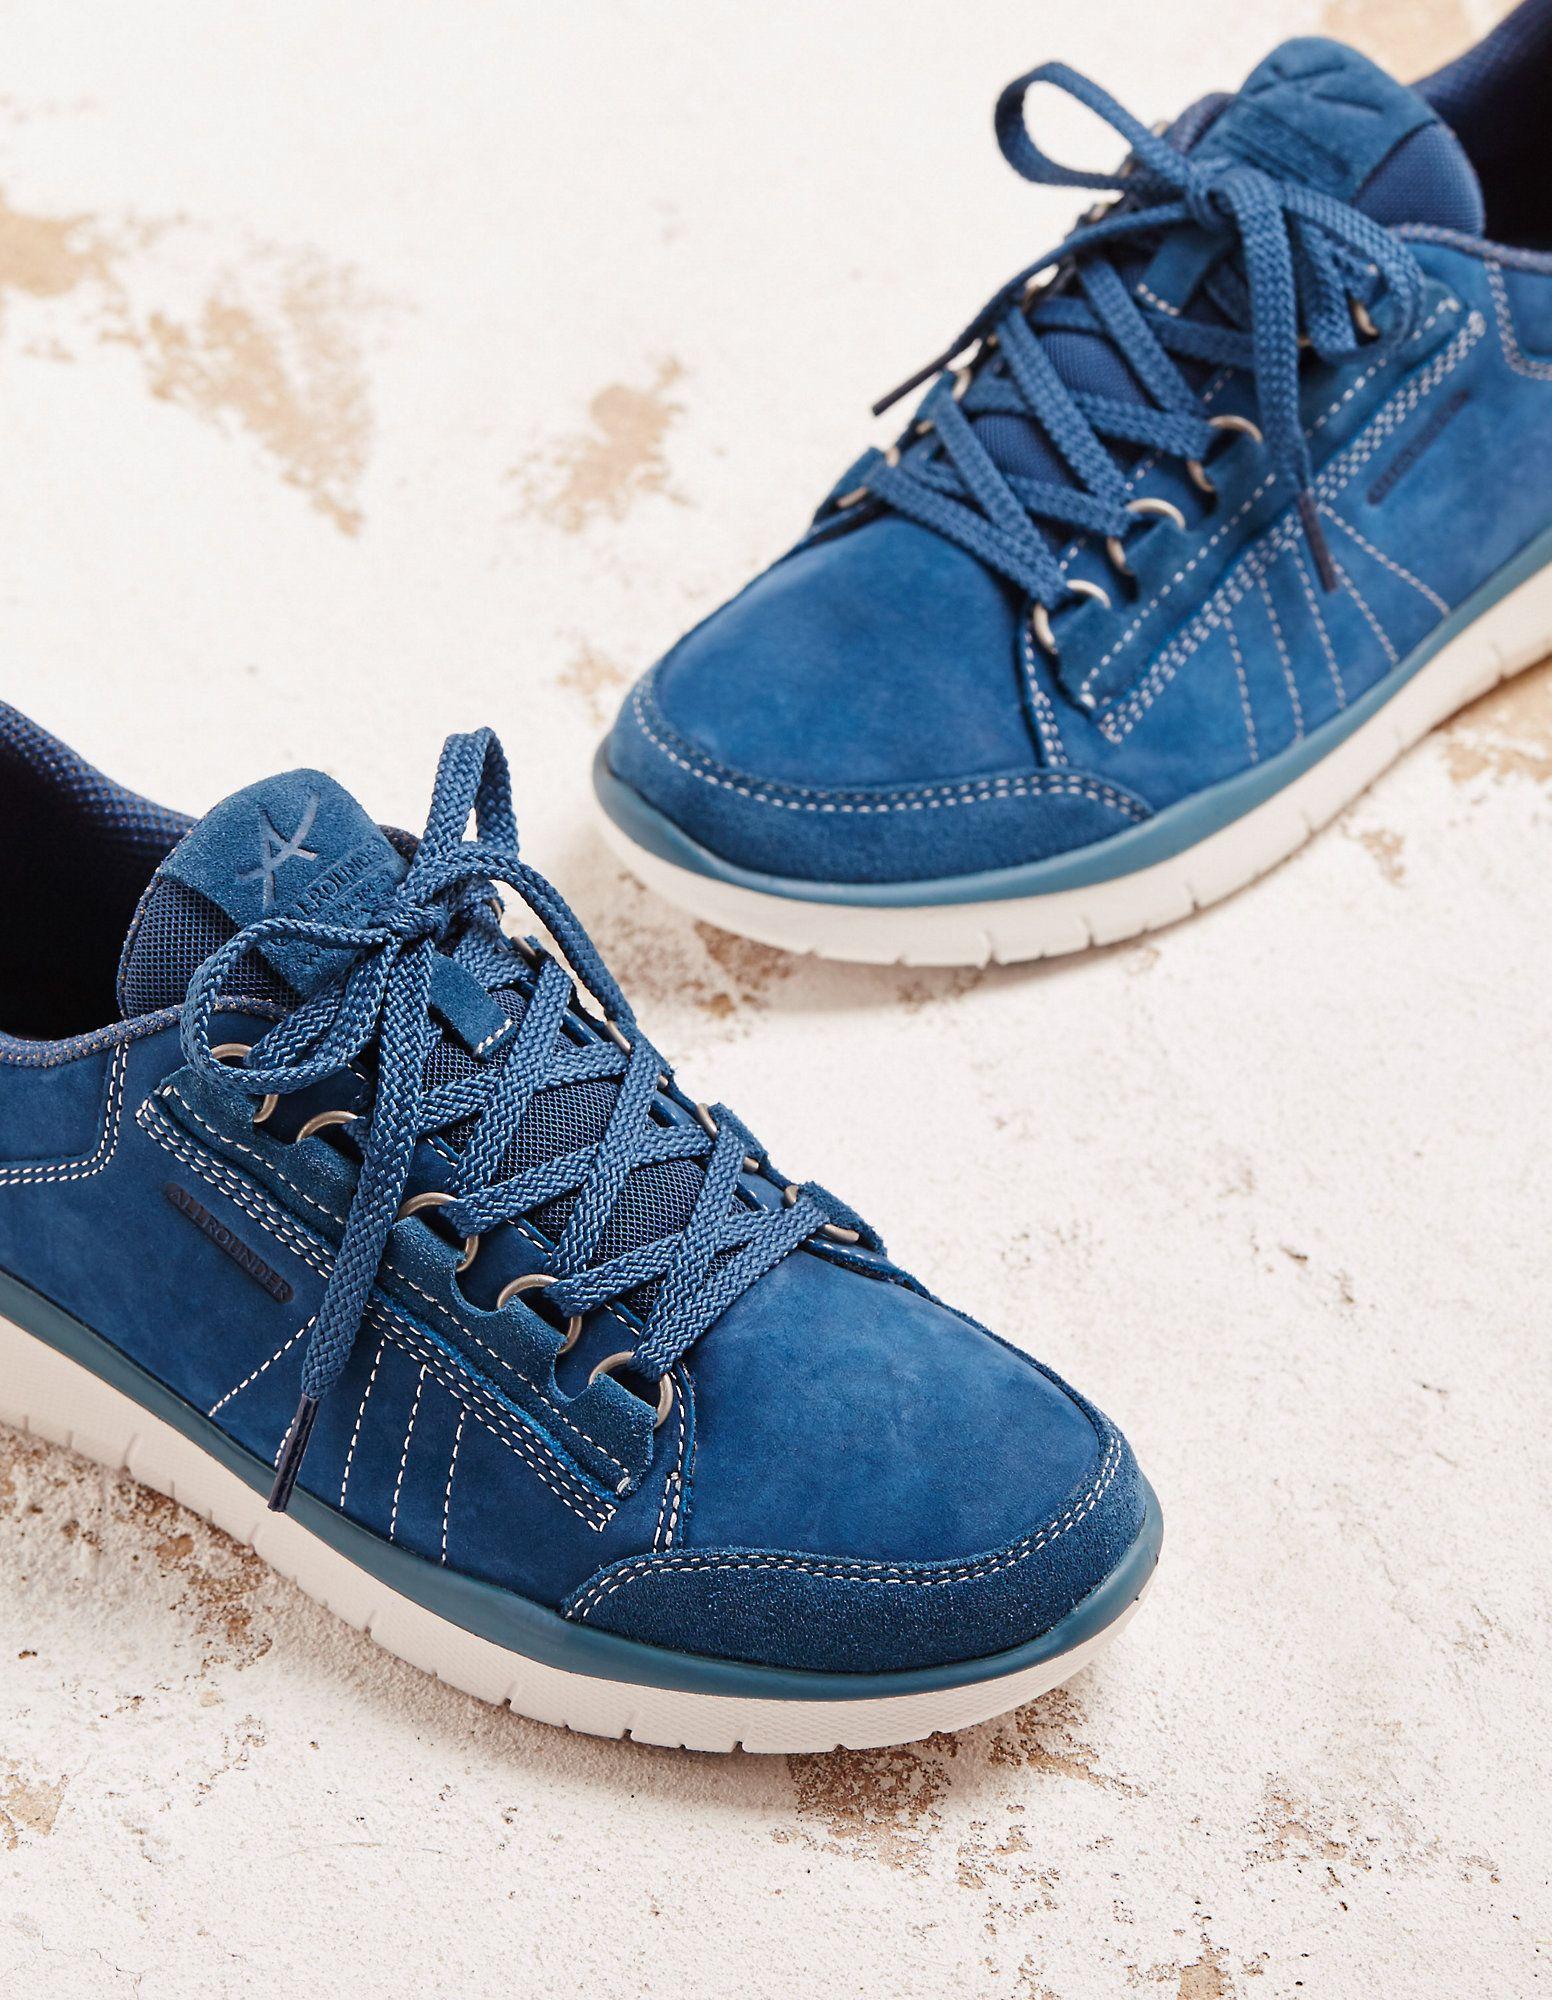 Superleichter Schuh mit spezieller Stoßdämpfung, Polstern